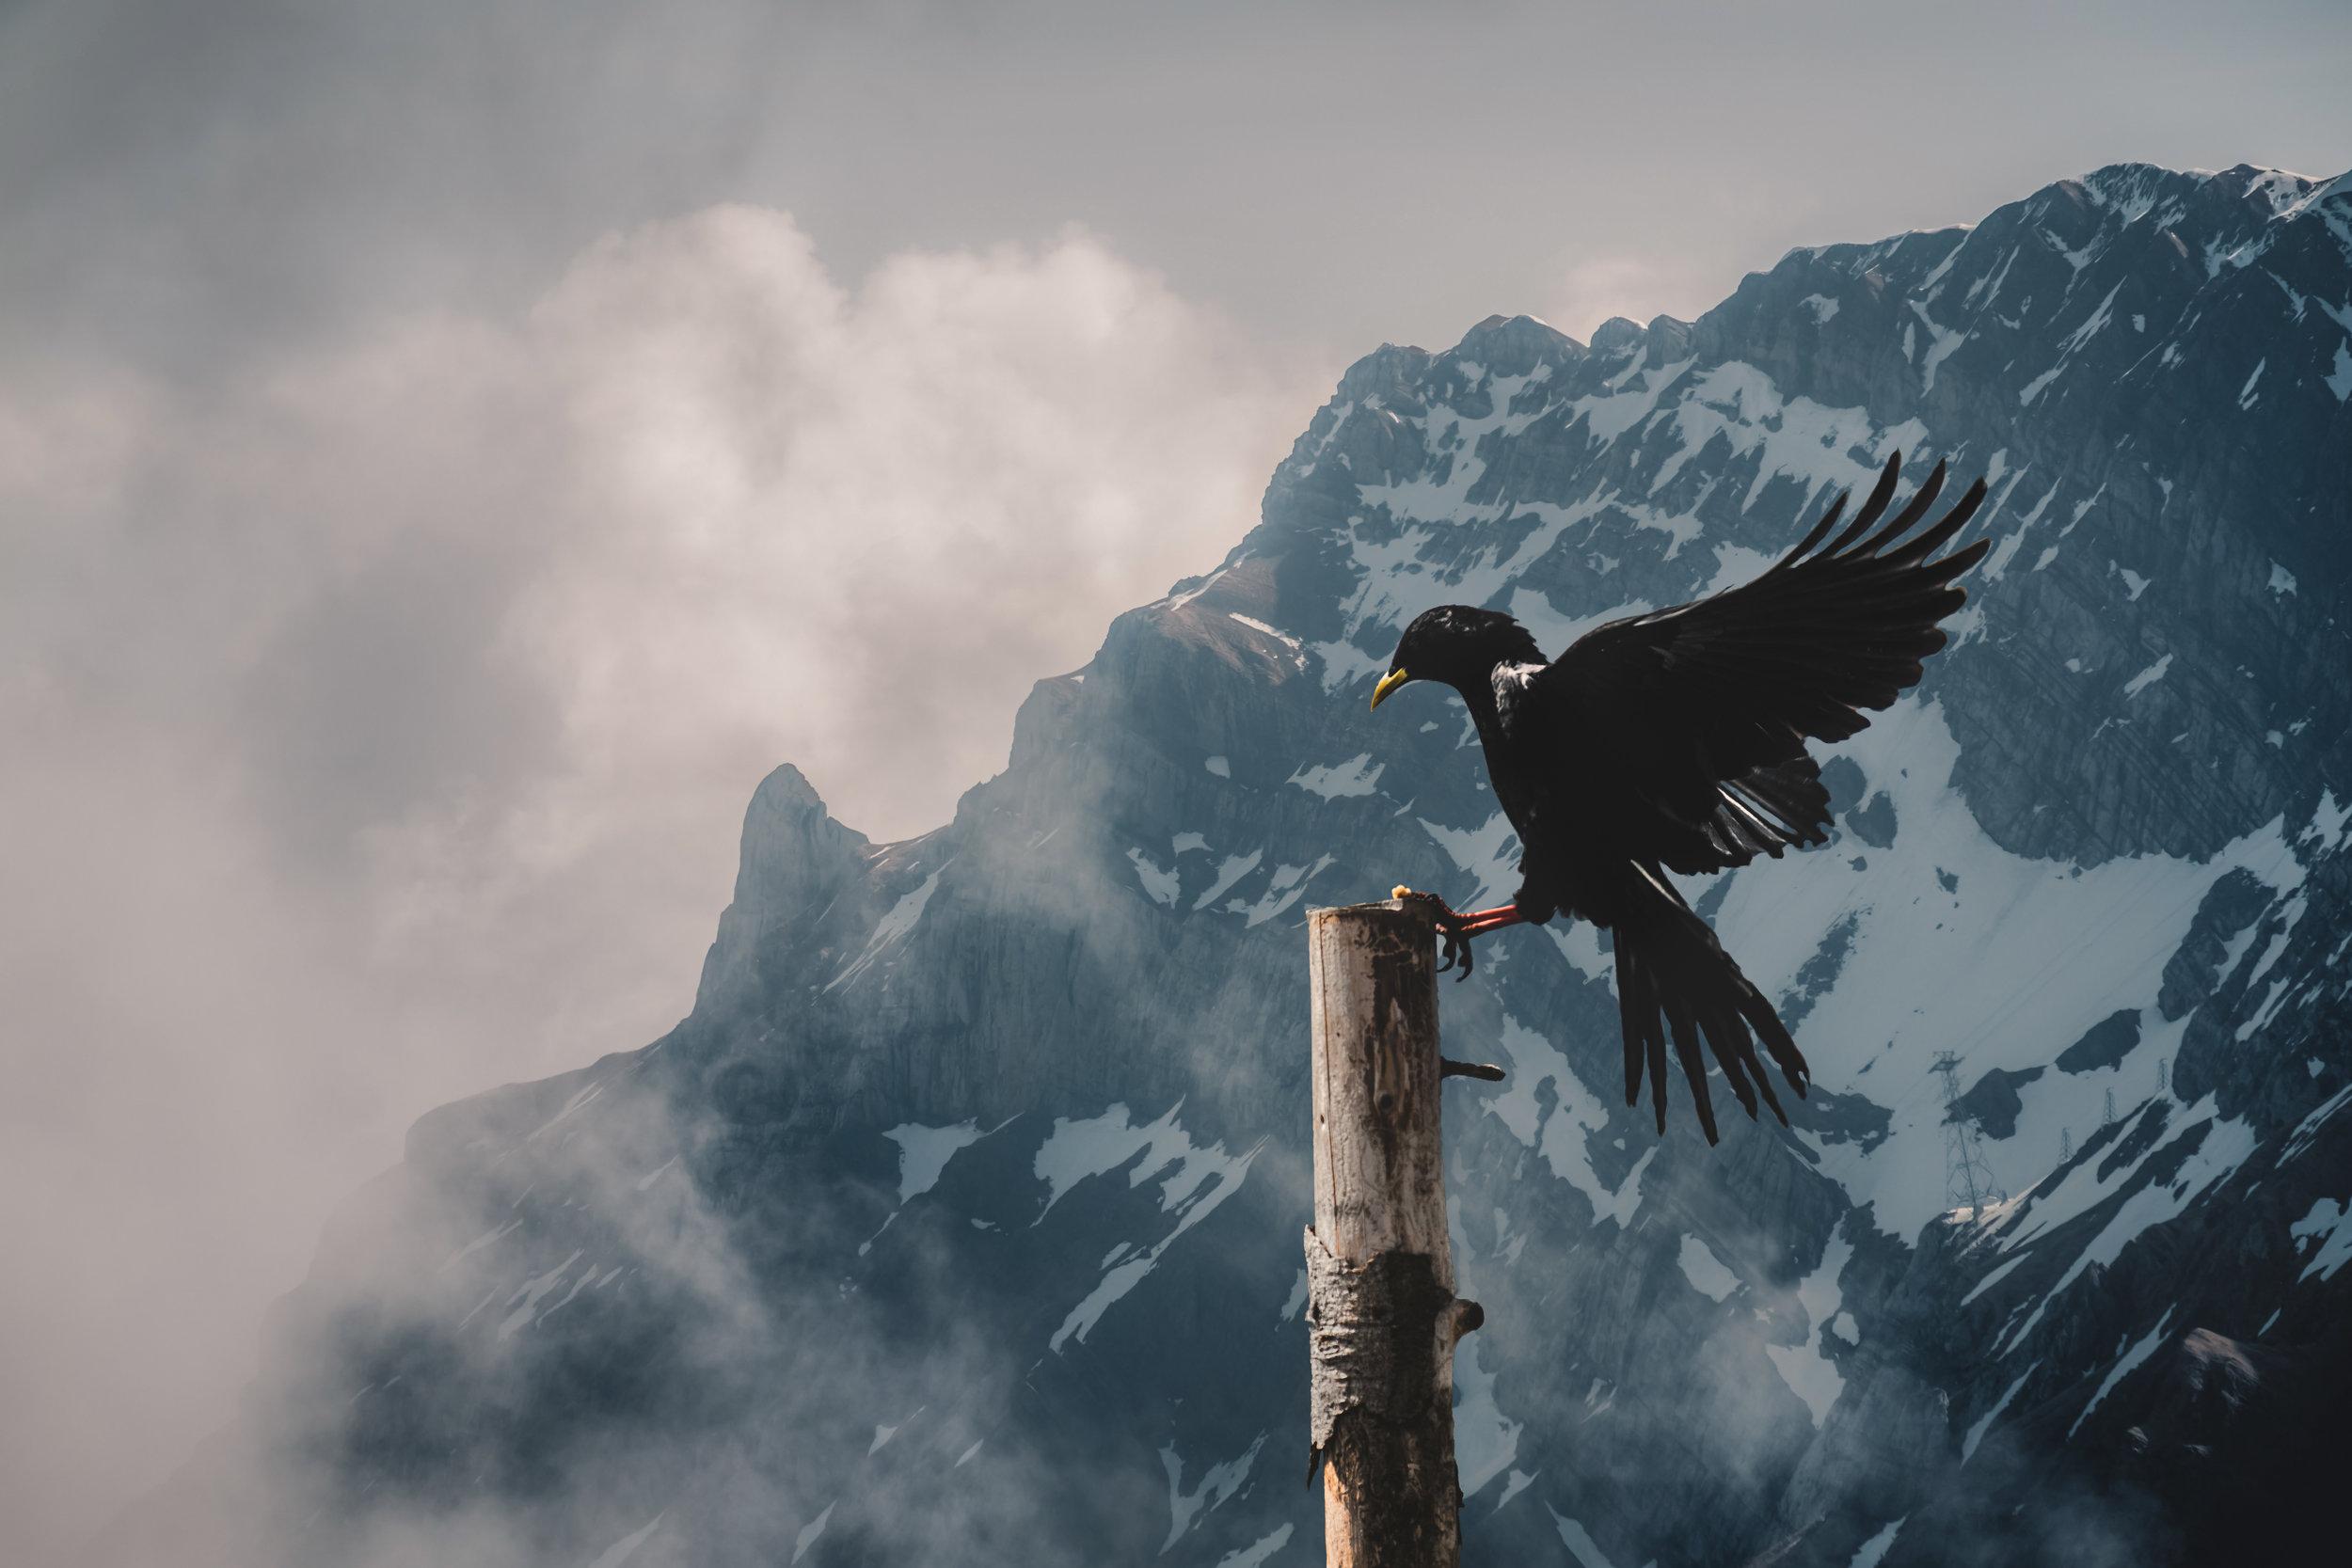 Alpendohle [Pyrrhocorax graculus] | Appenzell, Switzerland